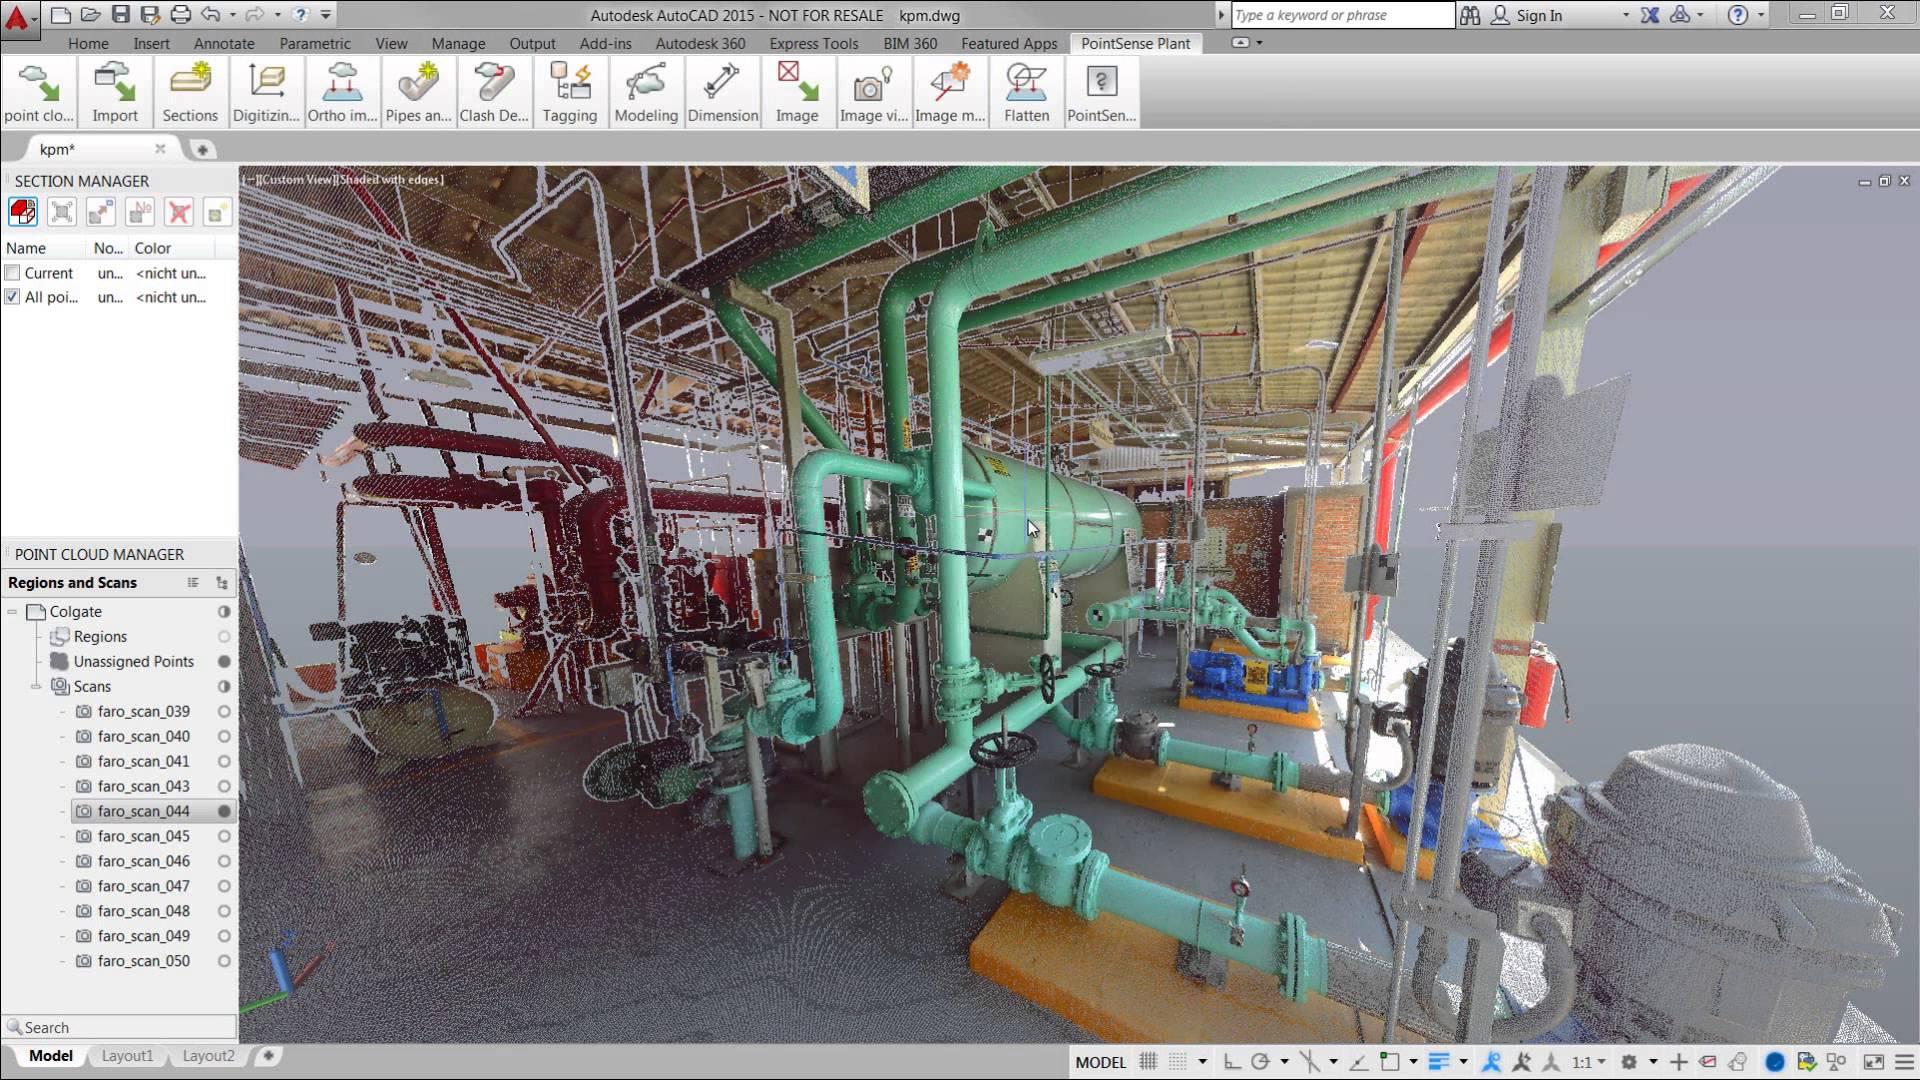 Faro Focus 3D kubit Pointsense Plant para documentación 3D Escáner 3D colombia venezuela peru ecuador faro